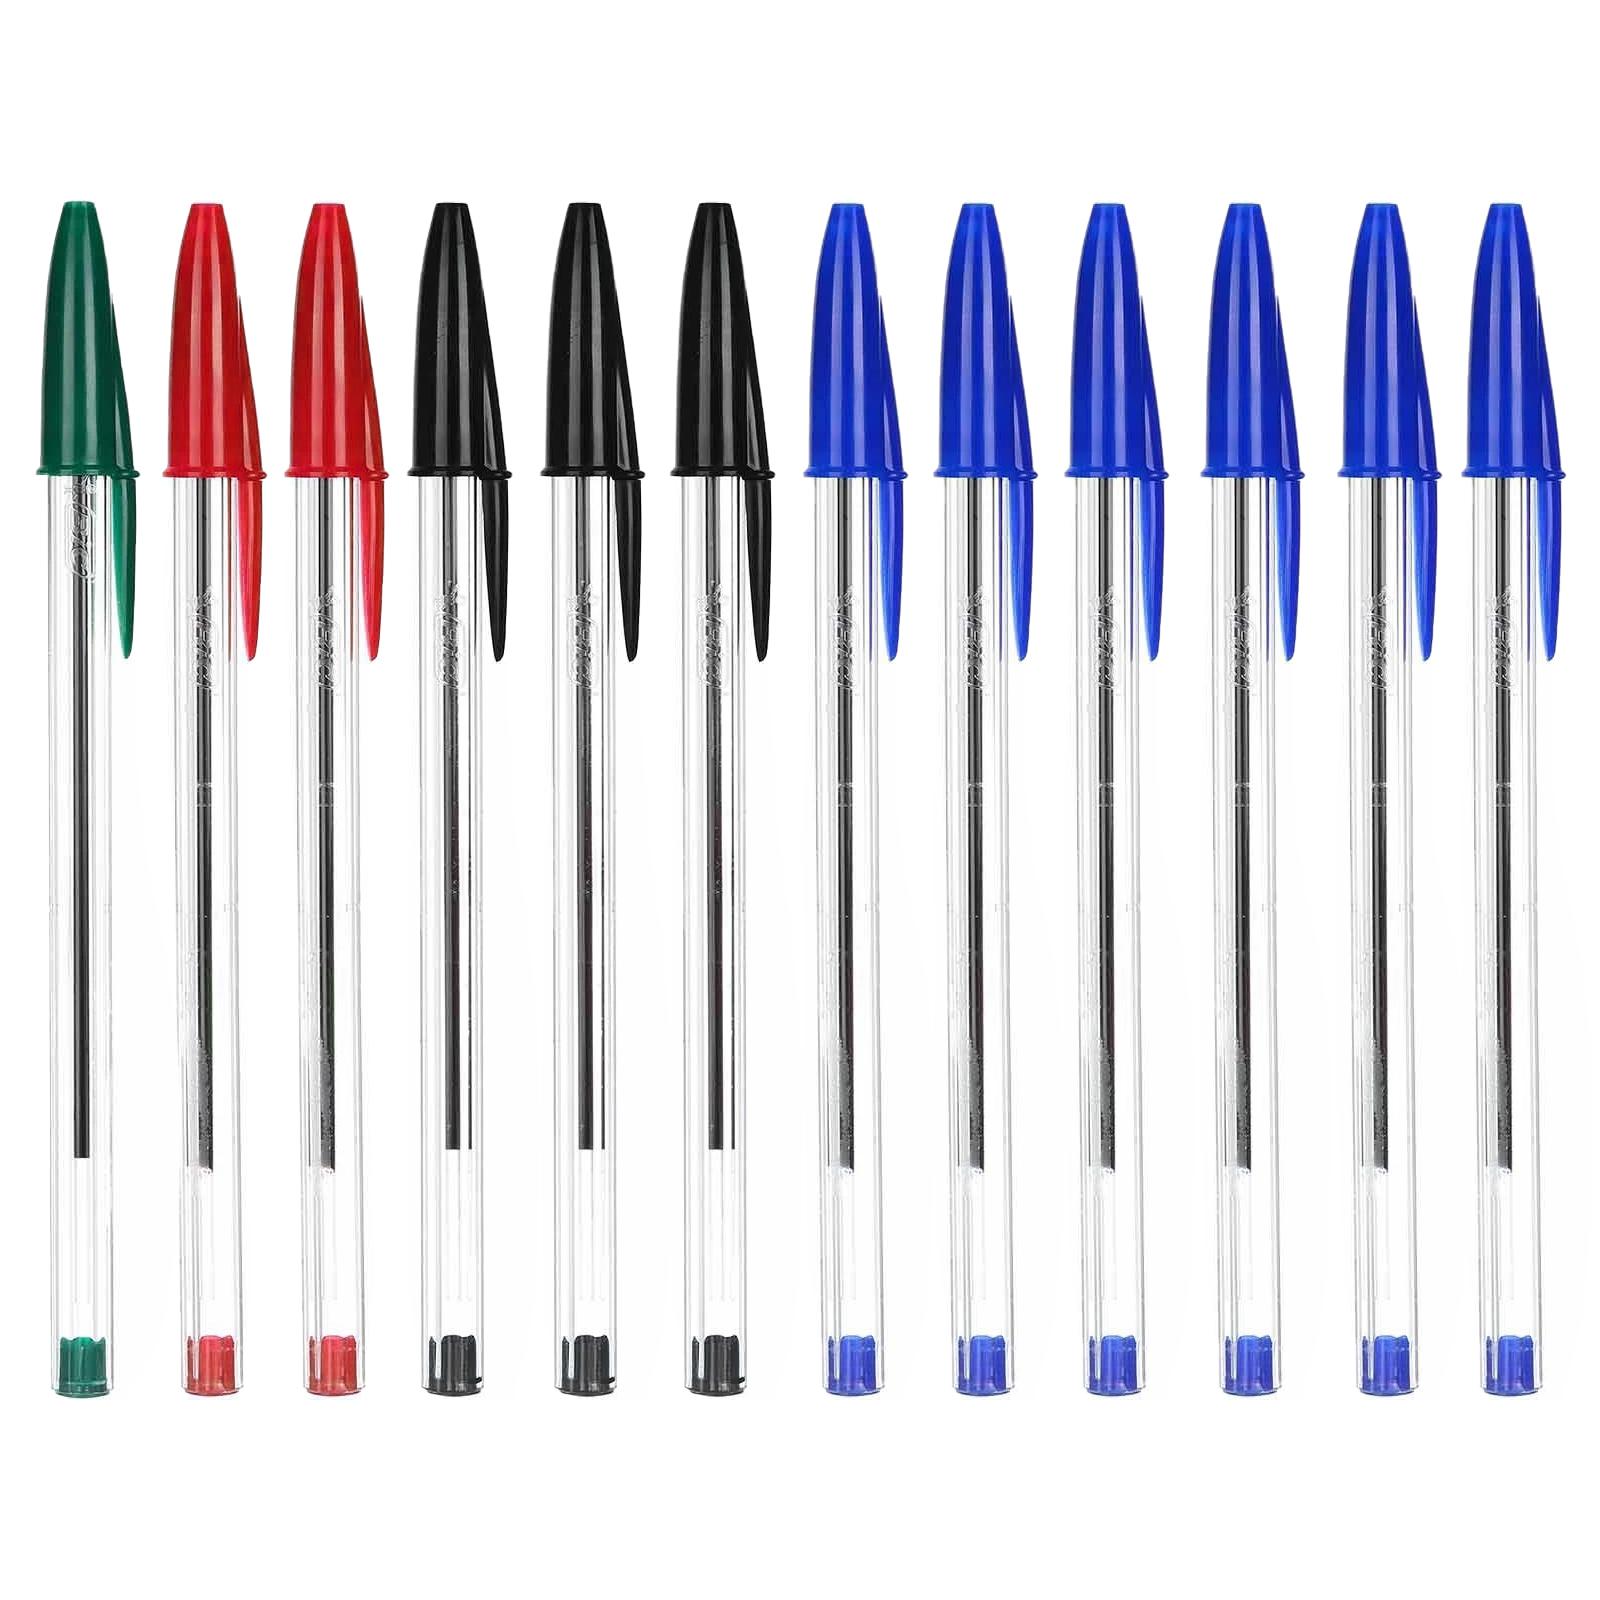 خودکار بیک مدل کریستال اورجینال کد BRBG12 بسته 12 عددی